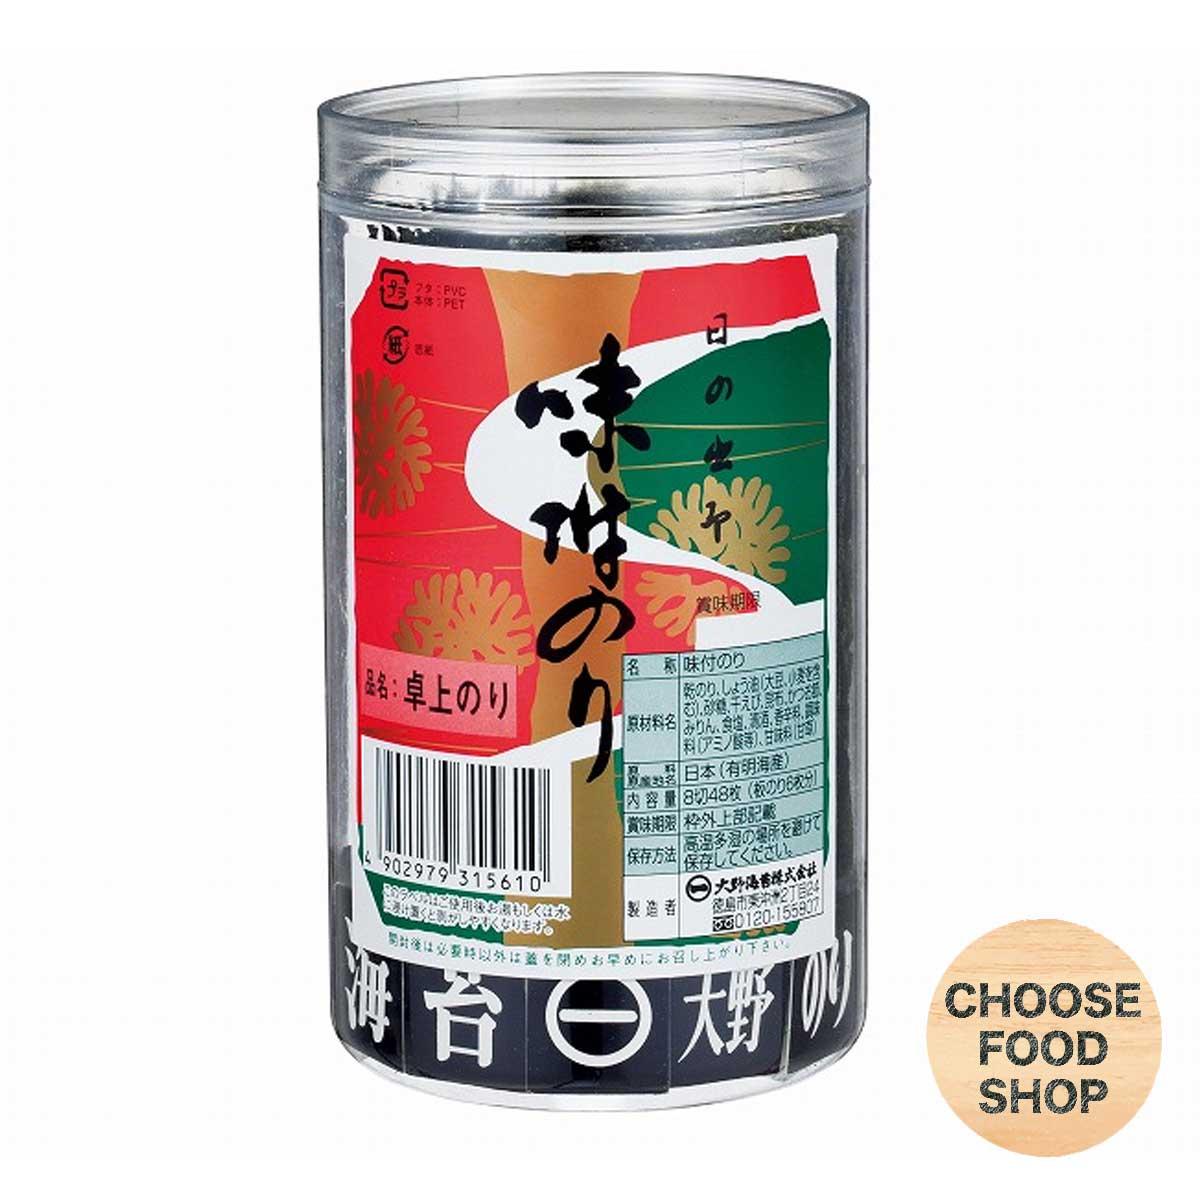 【3点購入で送料無料】 大野海苔 味付け卓上のり(8切48枚) 1本【徳島特産品】